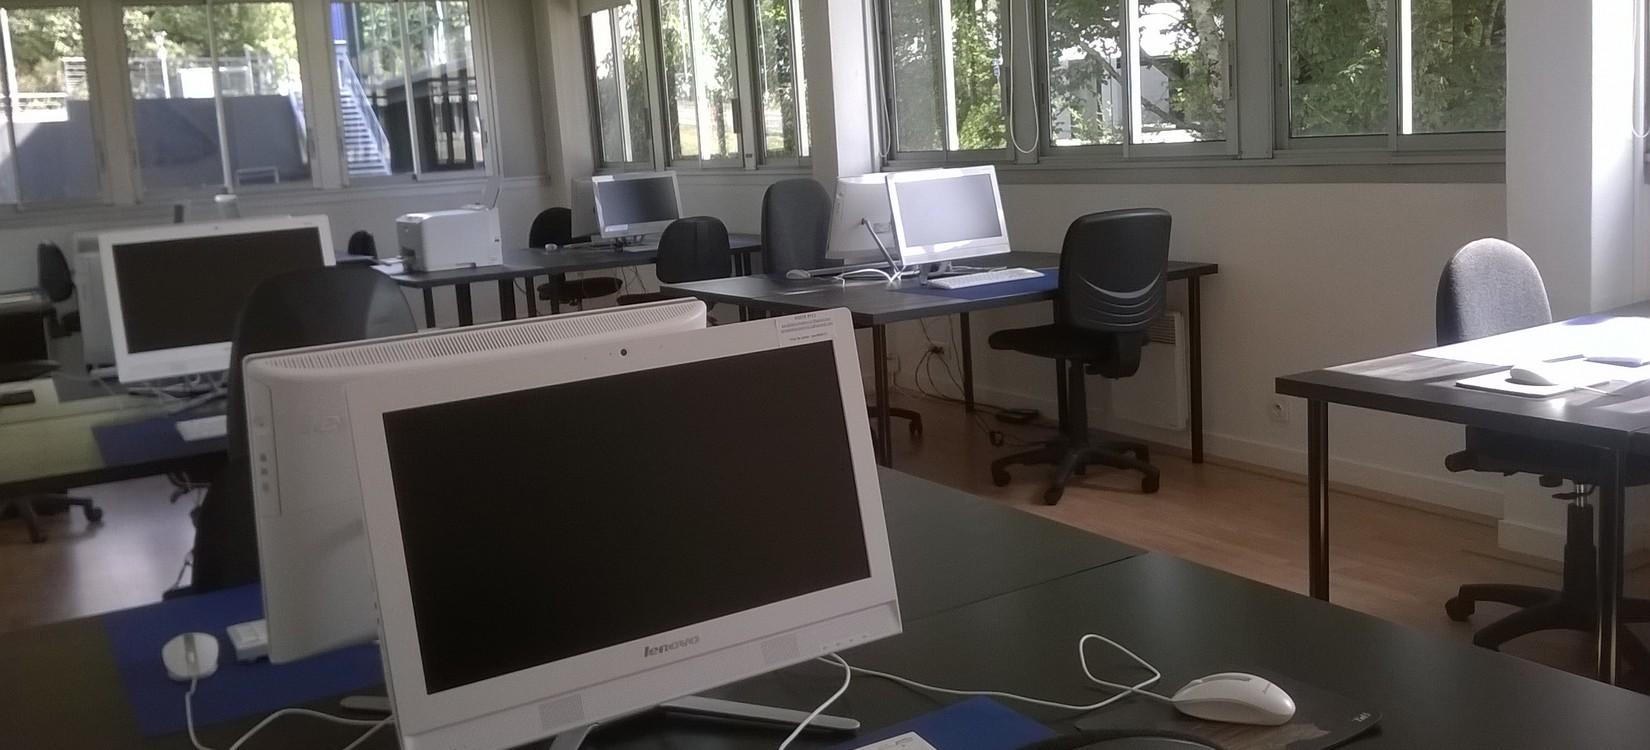 Salle bureautique2